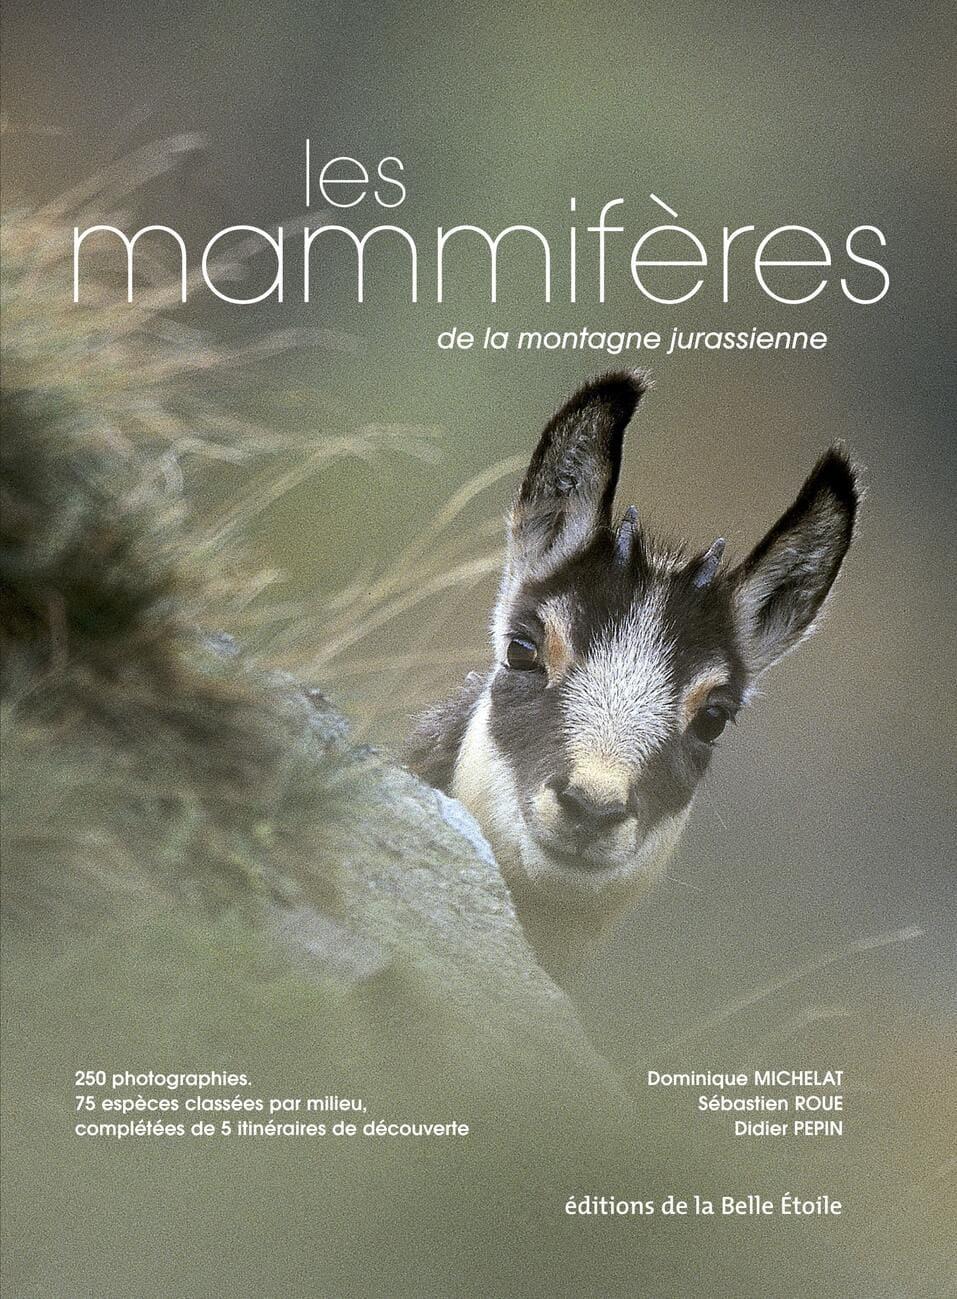 Les mammifères de la montagne jurassienne